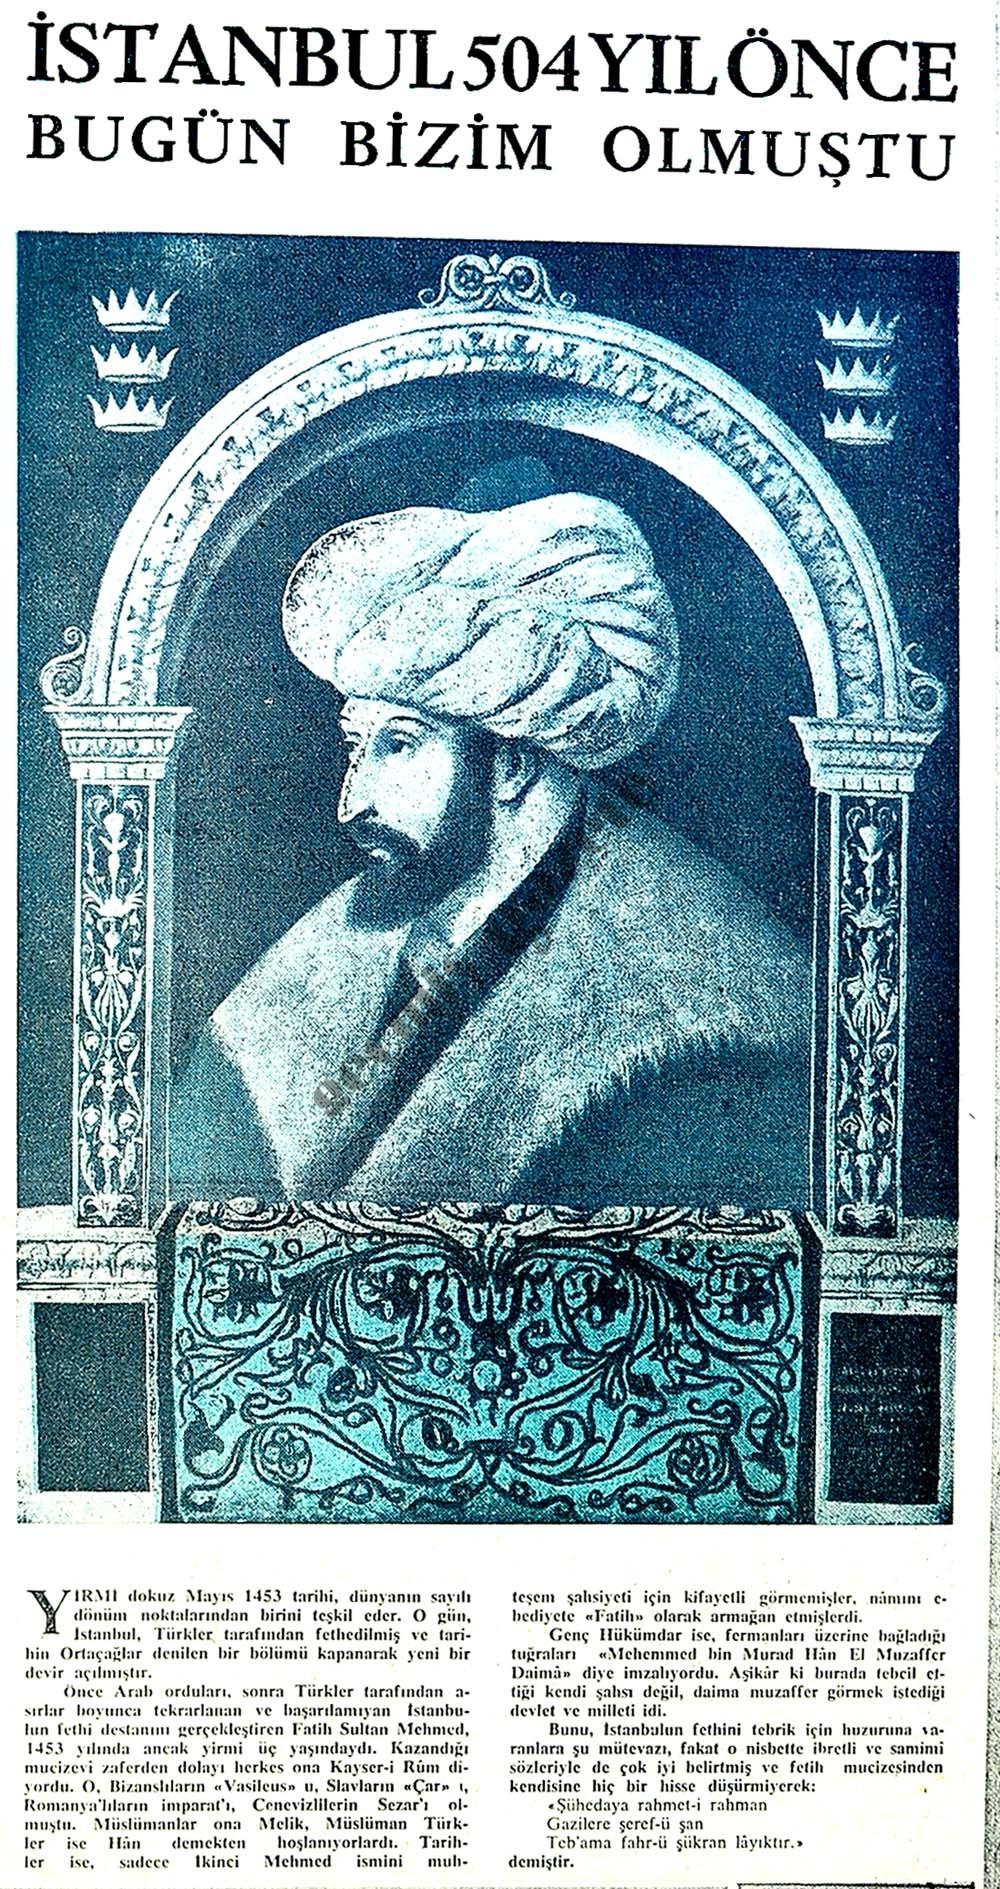 İstanbul 504 yıl önce bugün bizim olmuştu